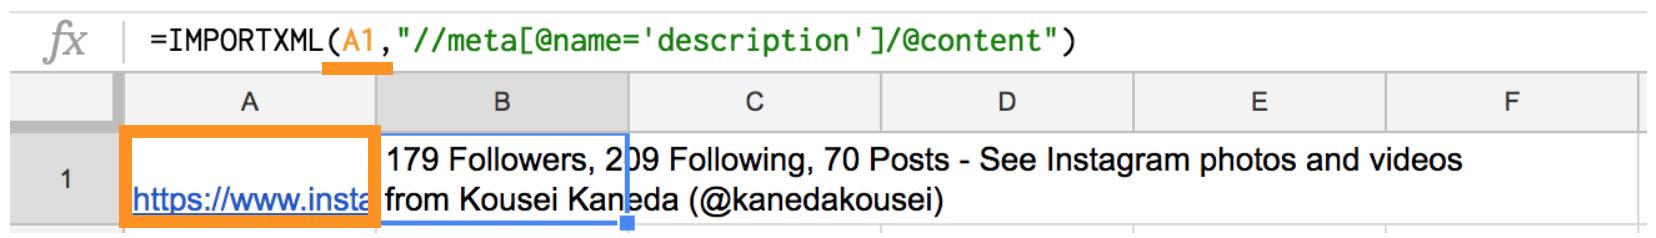 importxml関数でインスタのアカウント情報を取得